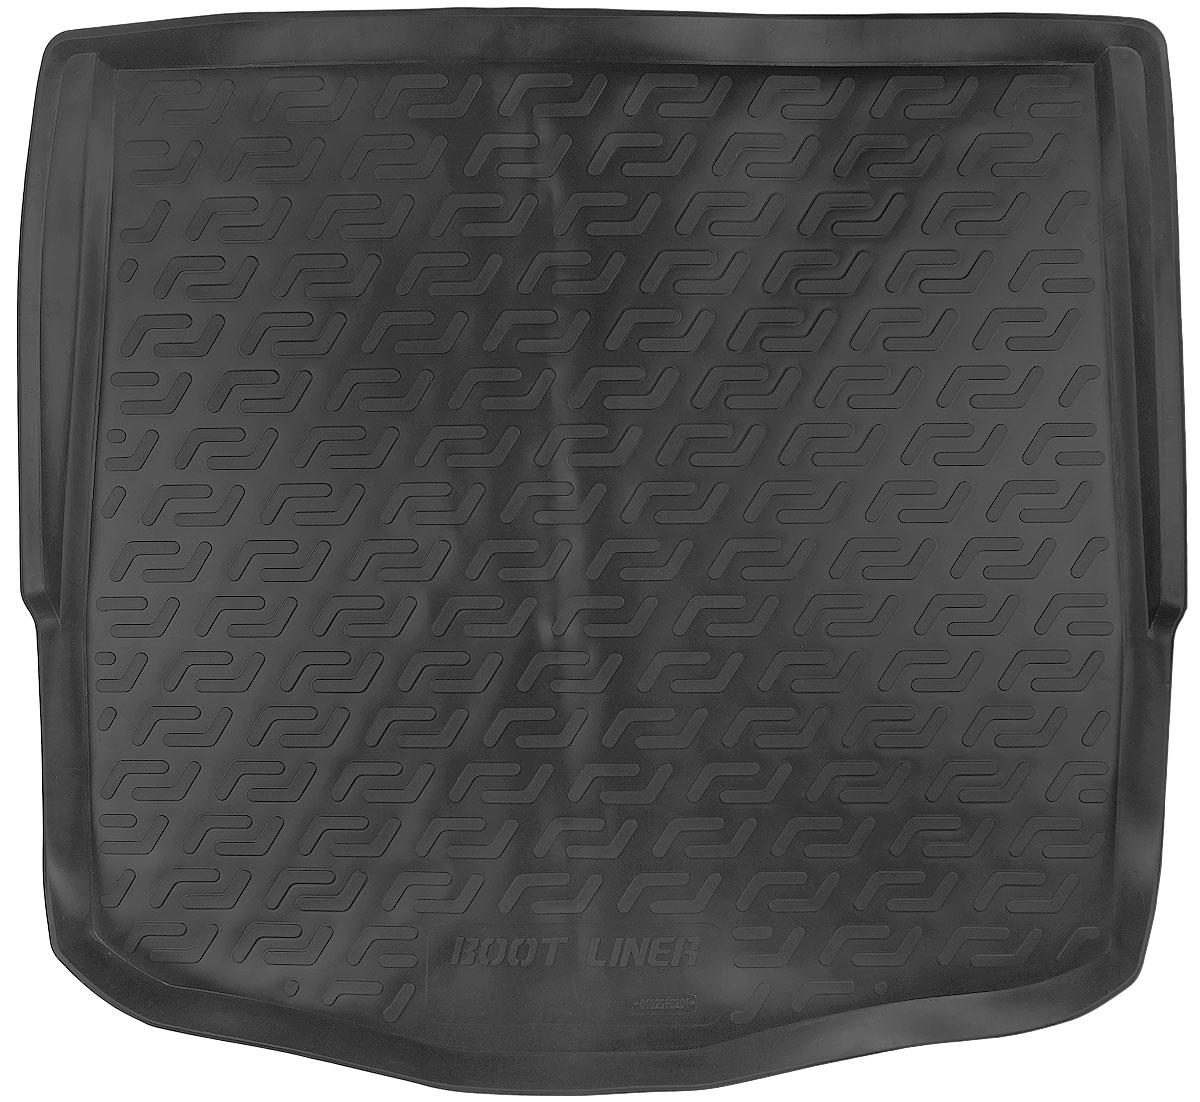 Коврик в багажник L.Locker, для Ford Mondeo sd (07-)FS-80423Коврик L.Locker производится индивидуально для каждой модели автомобиля из современного и экологически чистого материала. Изделие точно повторяет геометрию пола автомобиля, имеет высокий борт, обладает повышенной износоустойчивостью, антискользящими свойствами, лишен резкого запаха и сохраняет свои потребительские свойства в широком диапазоне температур (от -50°С до +80°С).